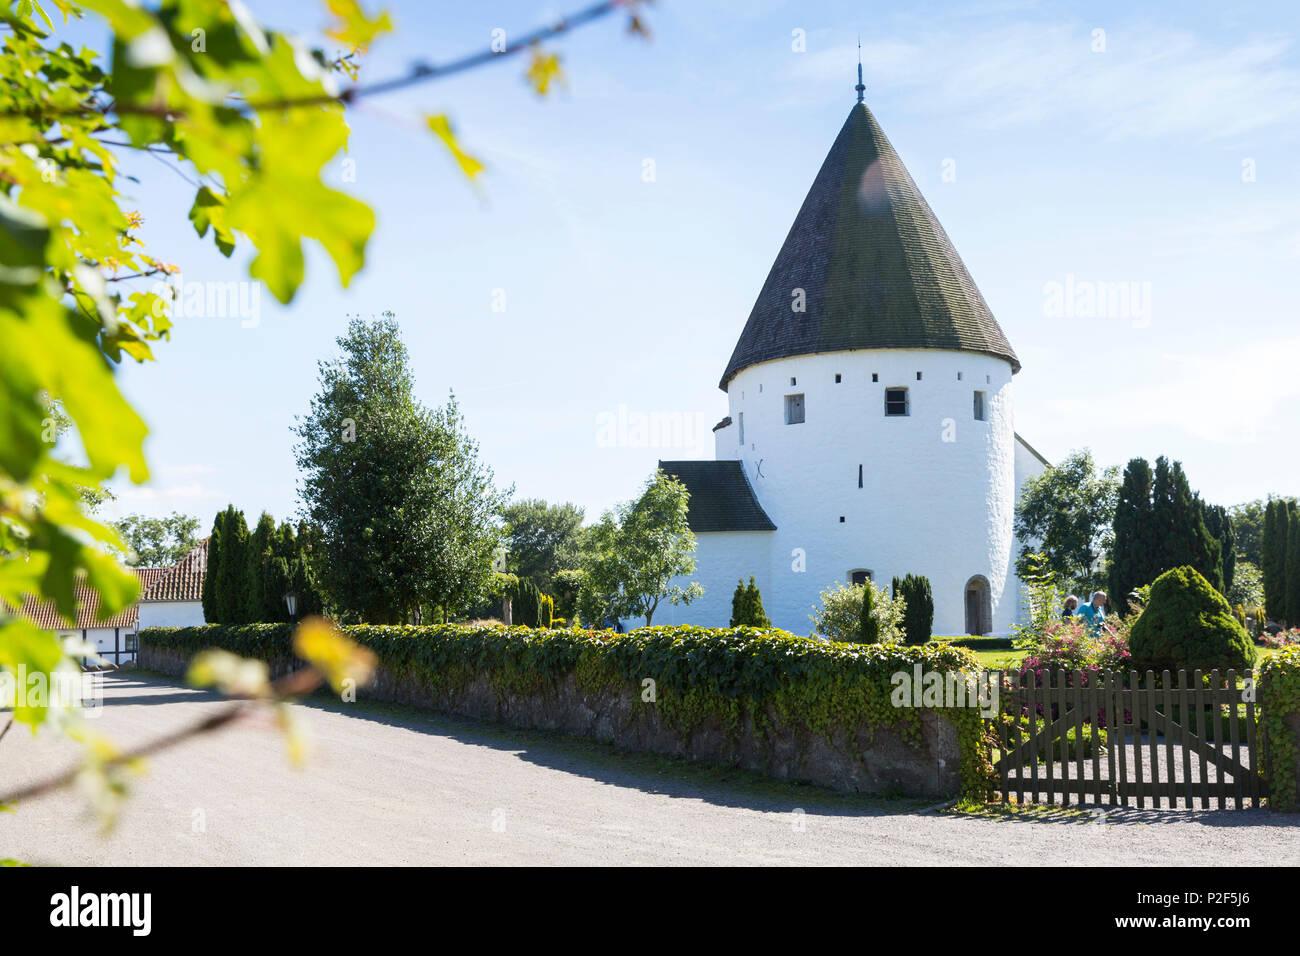 Typical round church, Ny Kirke, Baltic sea, Bornholm, Nyker, Denmark, Europe Stock Photo